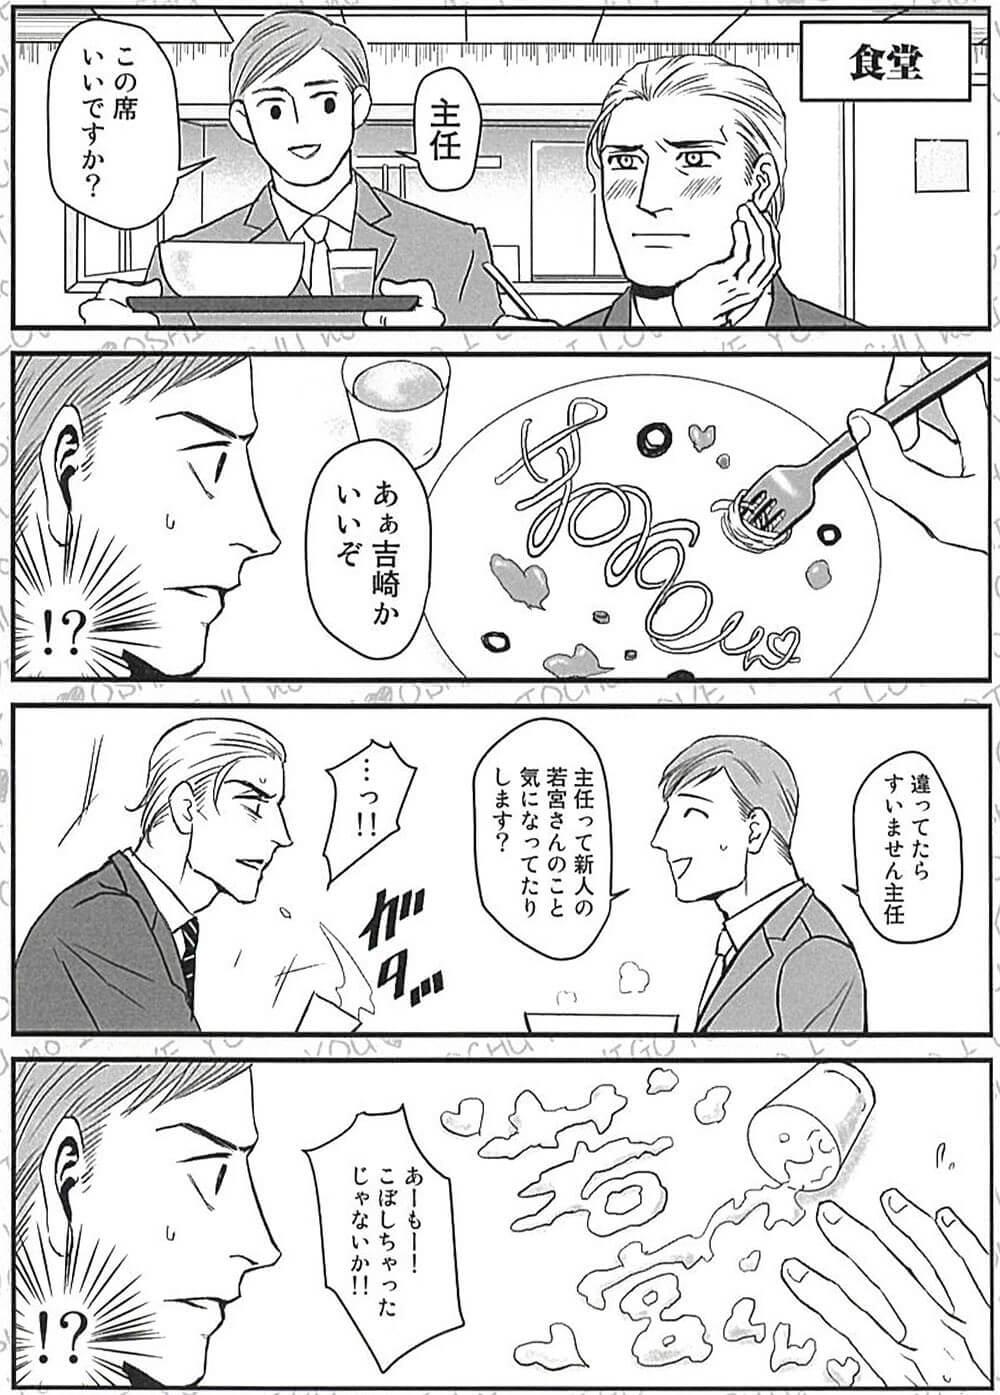 上司が新入社員に恋する漫画1-5